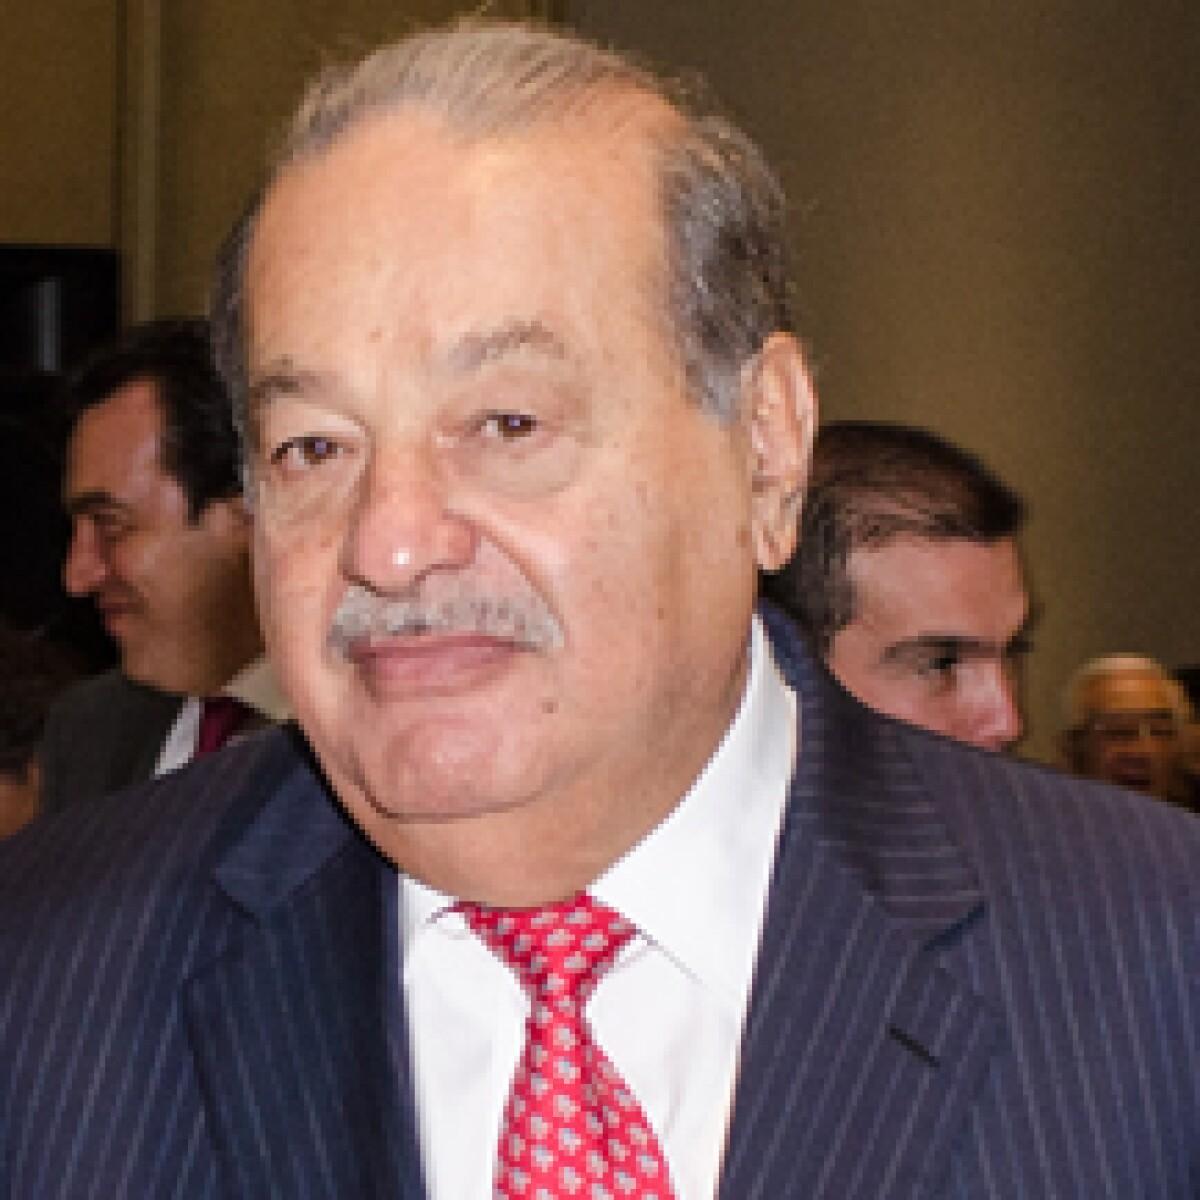 Slim aplica la jornada laboral semanal de 3 días en Telmex